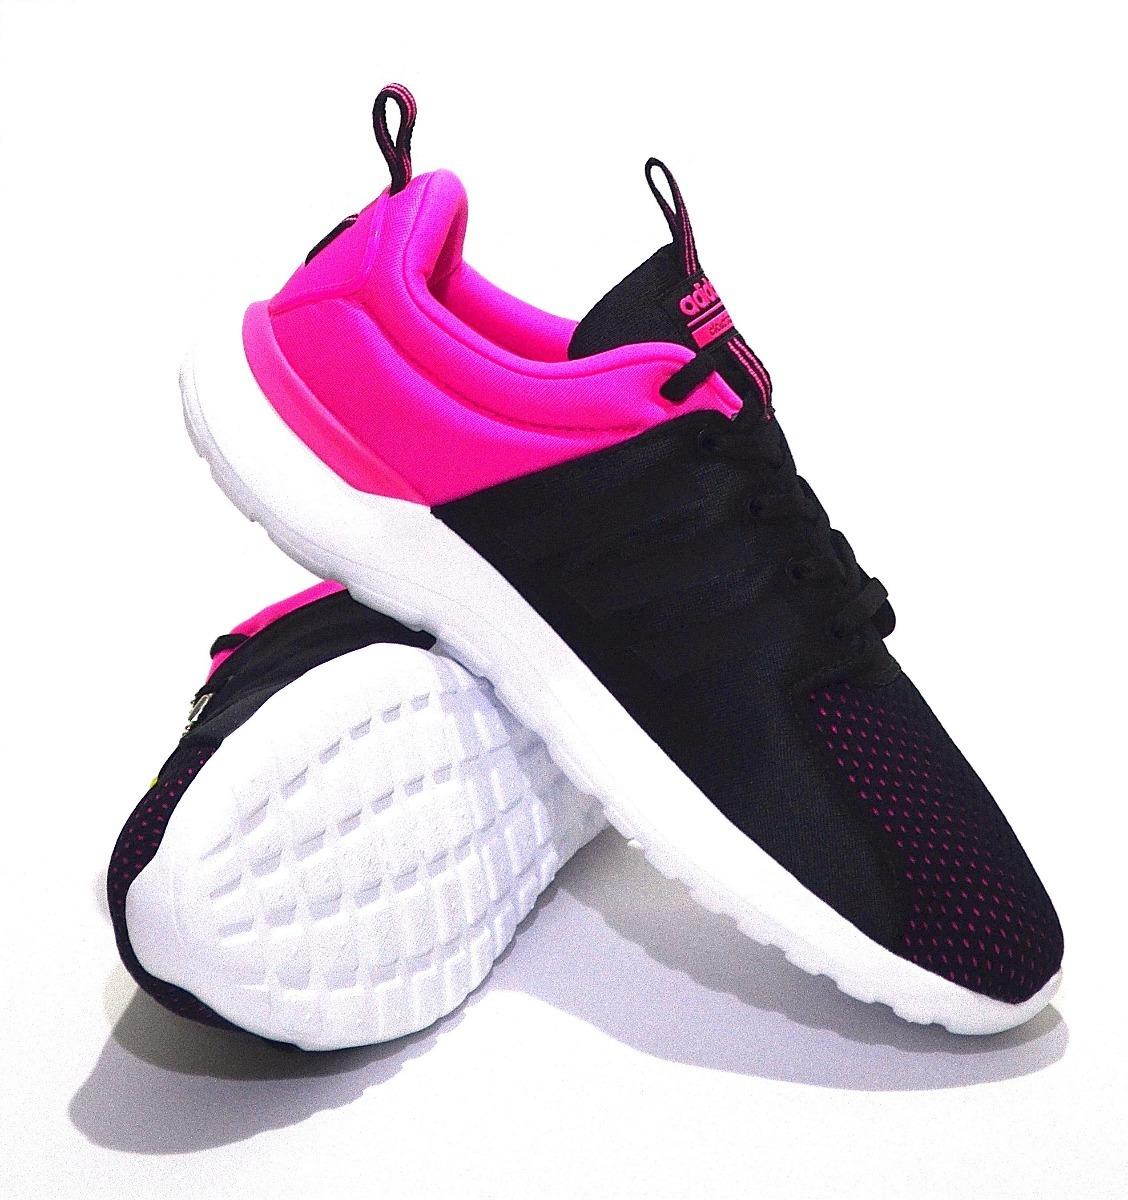 9c9e4076f60 zapatillas adidas modelo neo cloudfoam lite racer w - (9840). Cargando zoom.